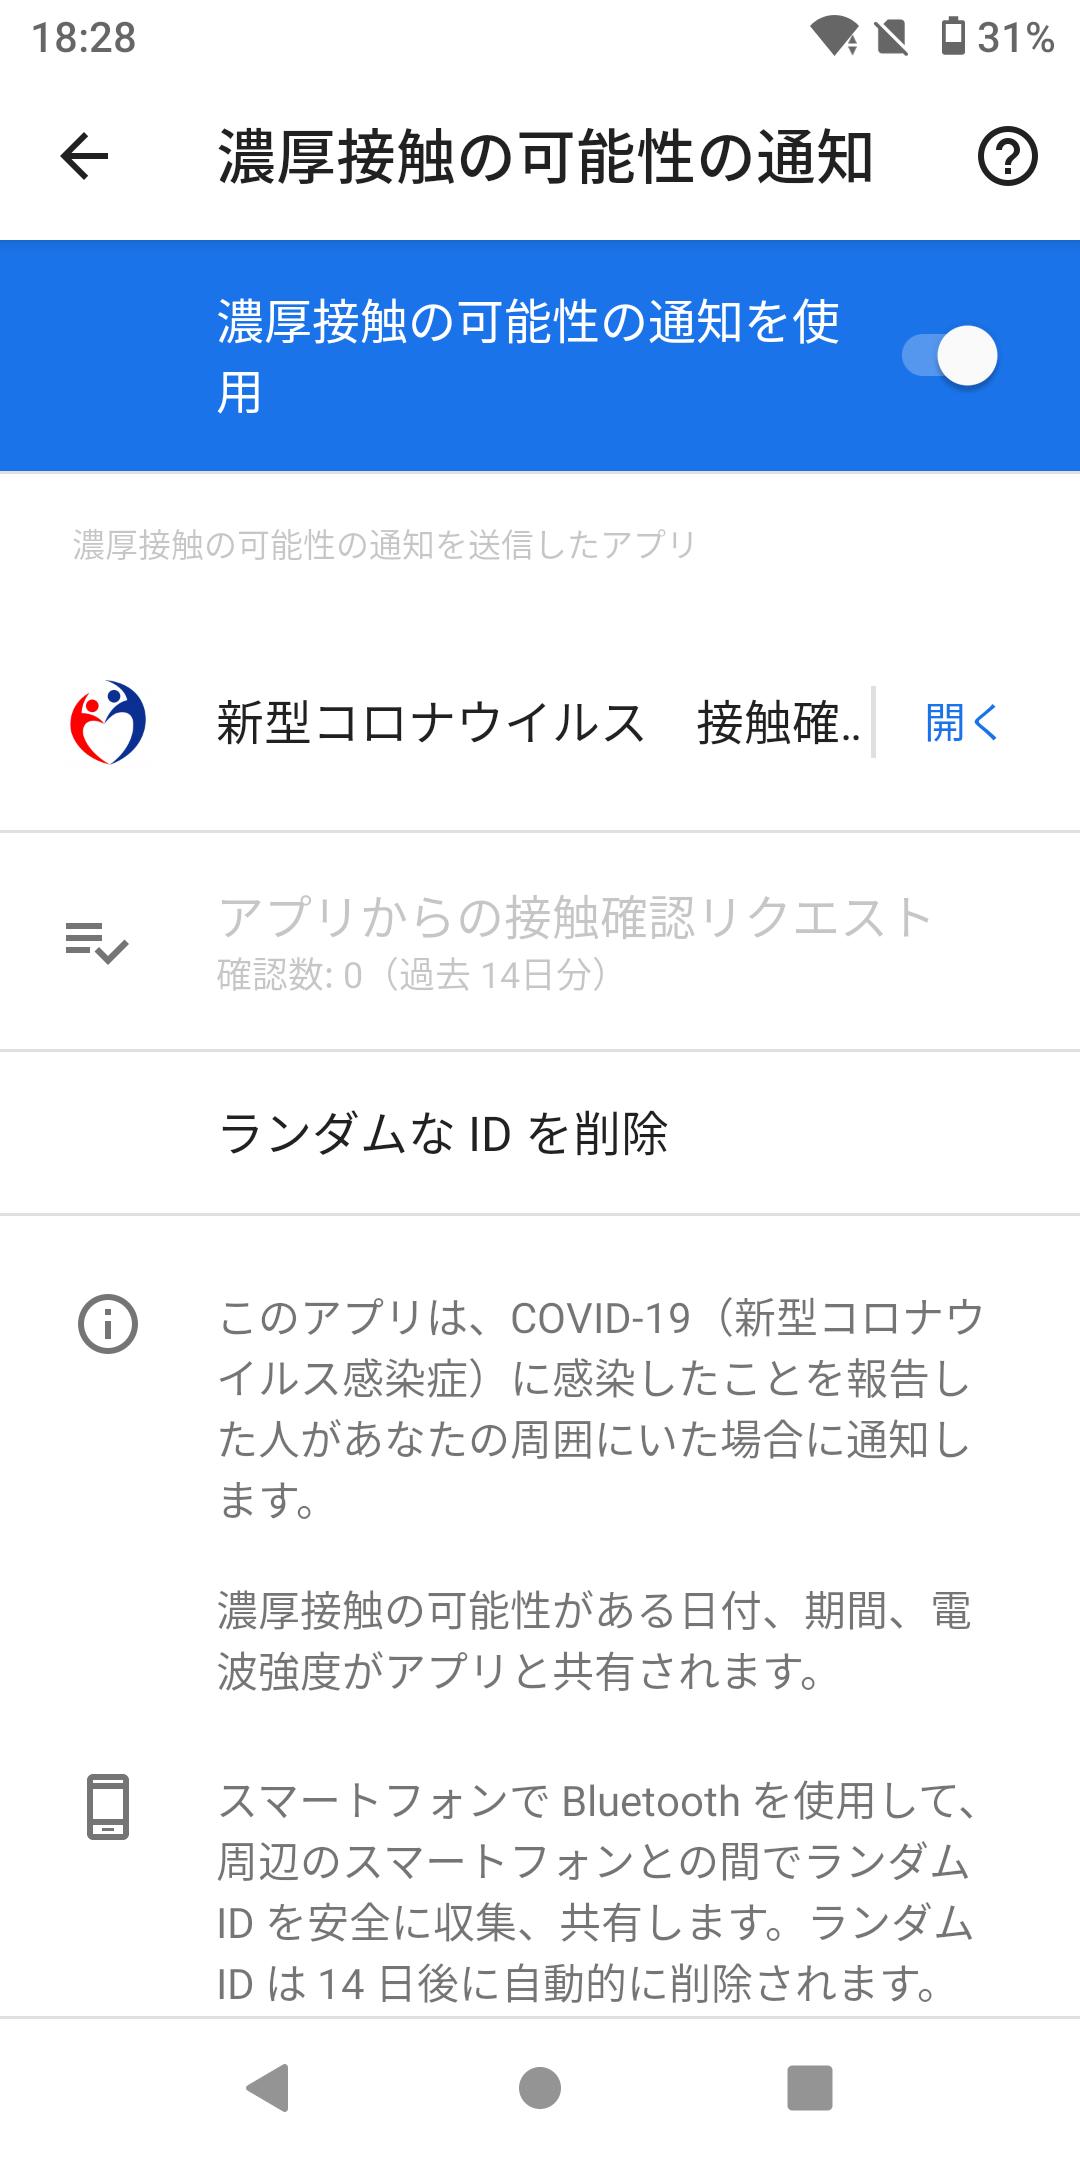 f:id:Azusa_Hirano:20200827182901p:plain